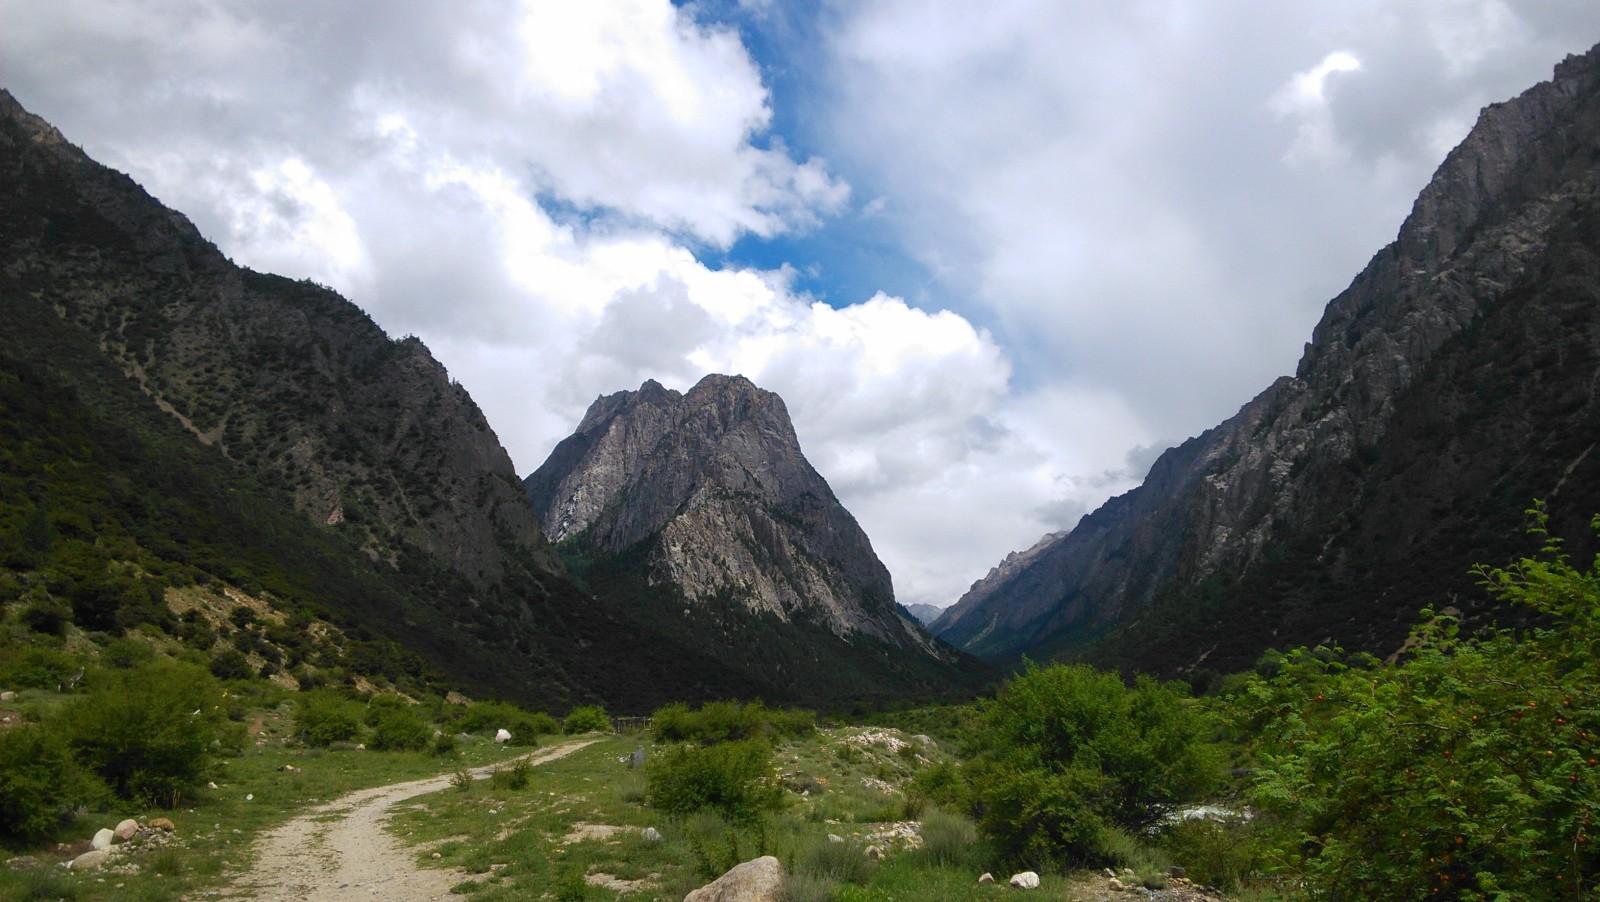 小路通向山谷深处